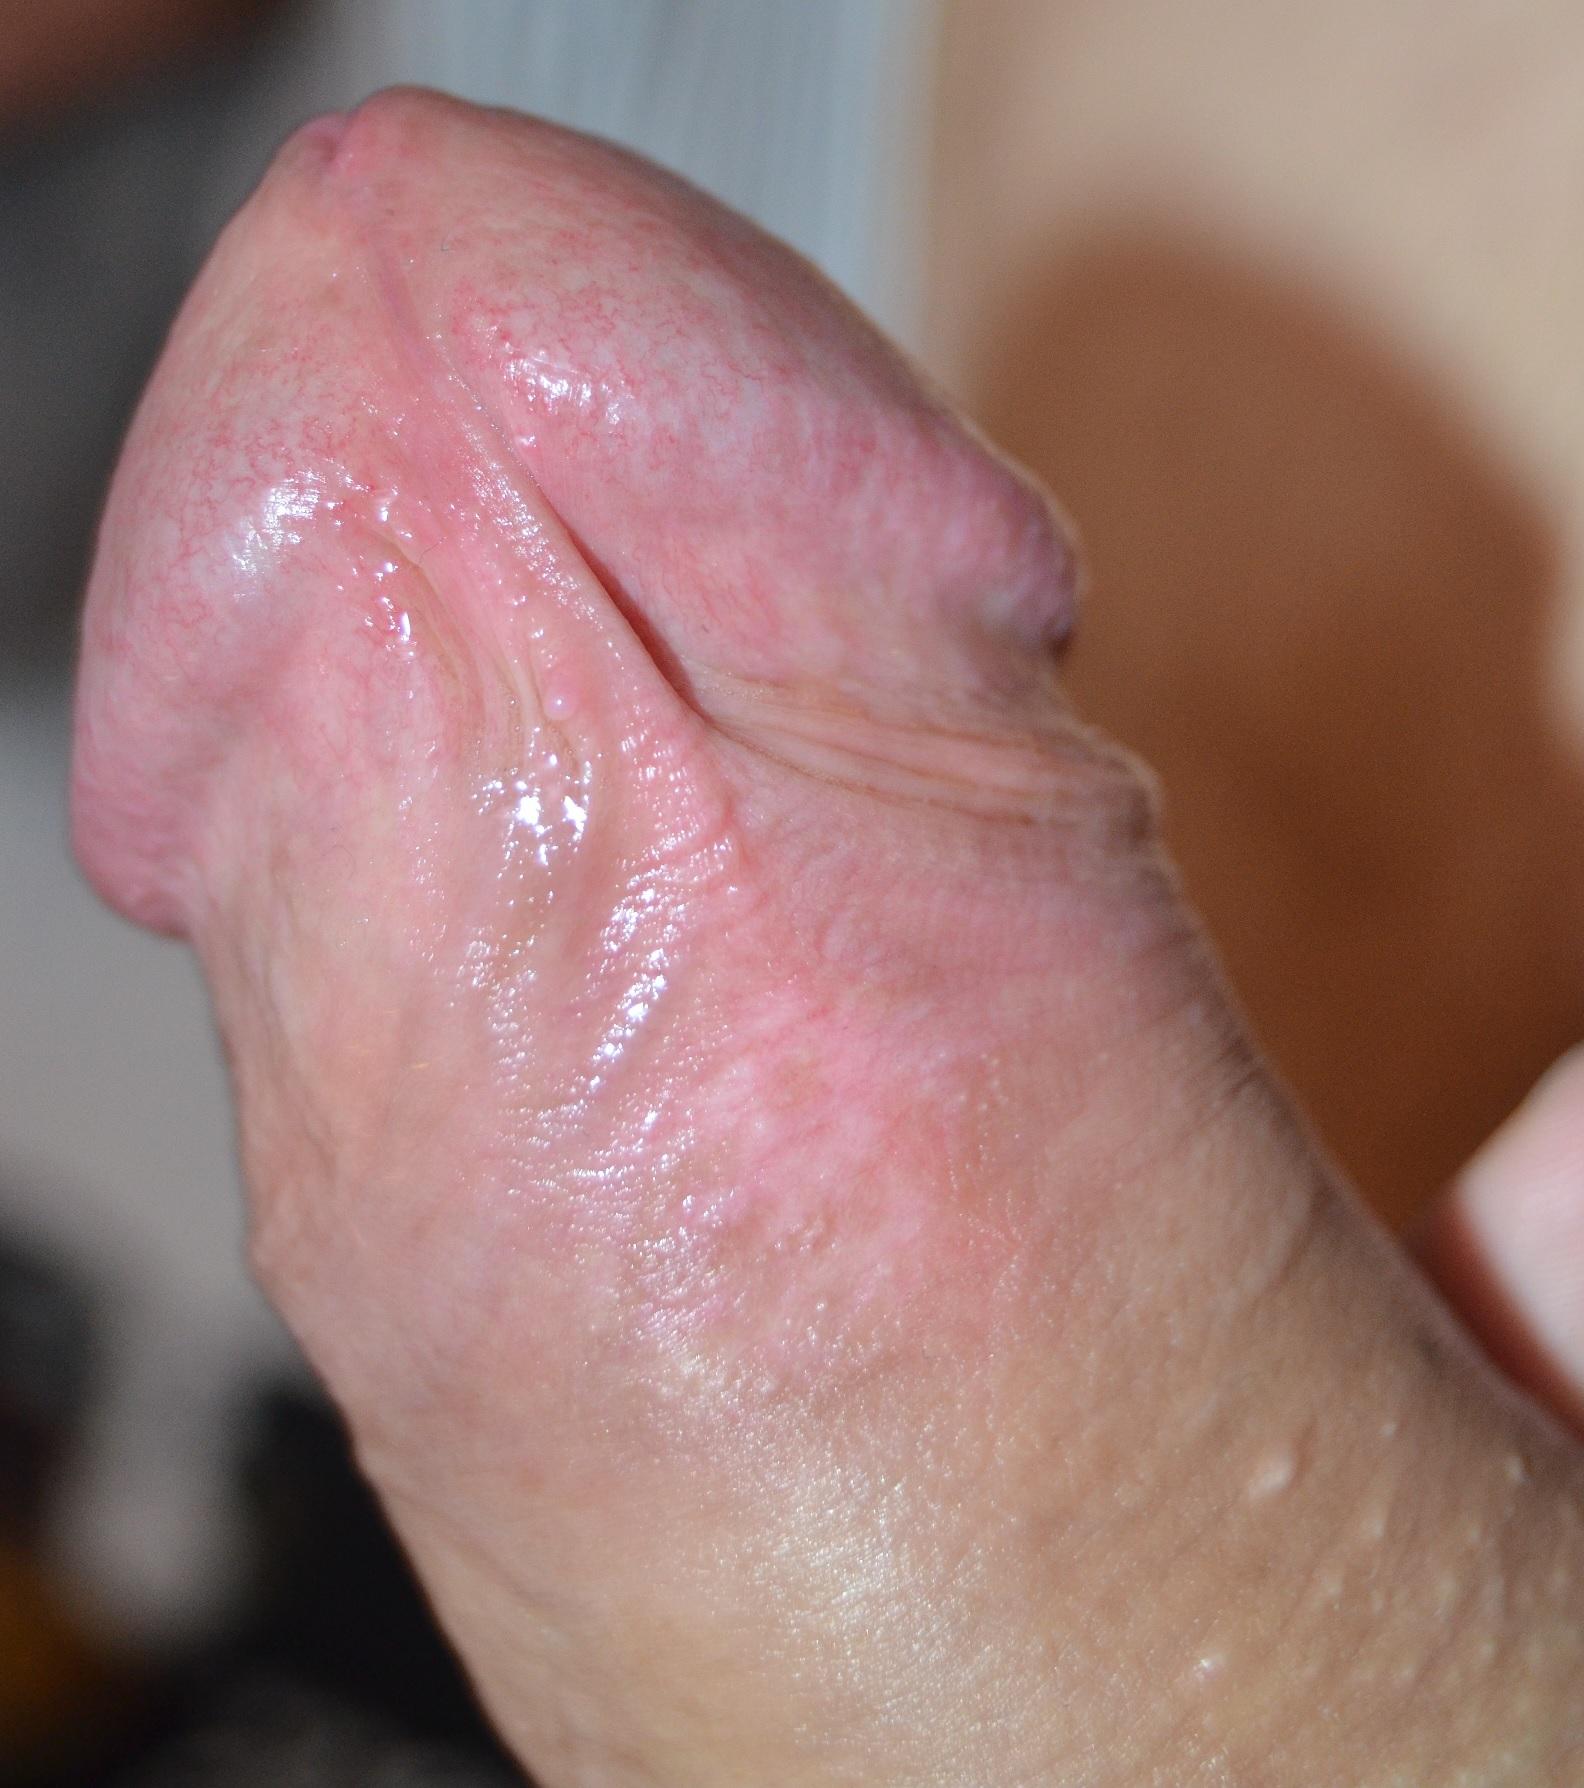 Penis glan sleeve penis bigger extender delay premature ejaculation man enhancer